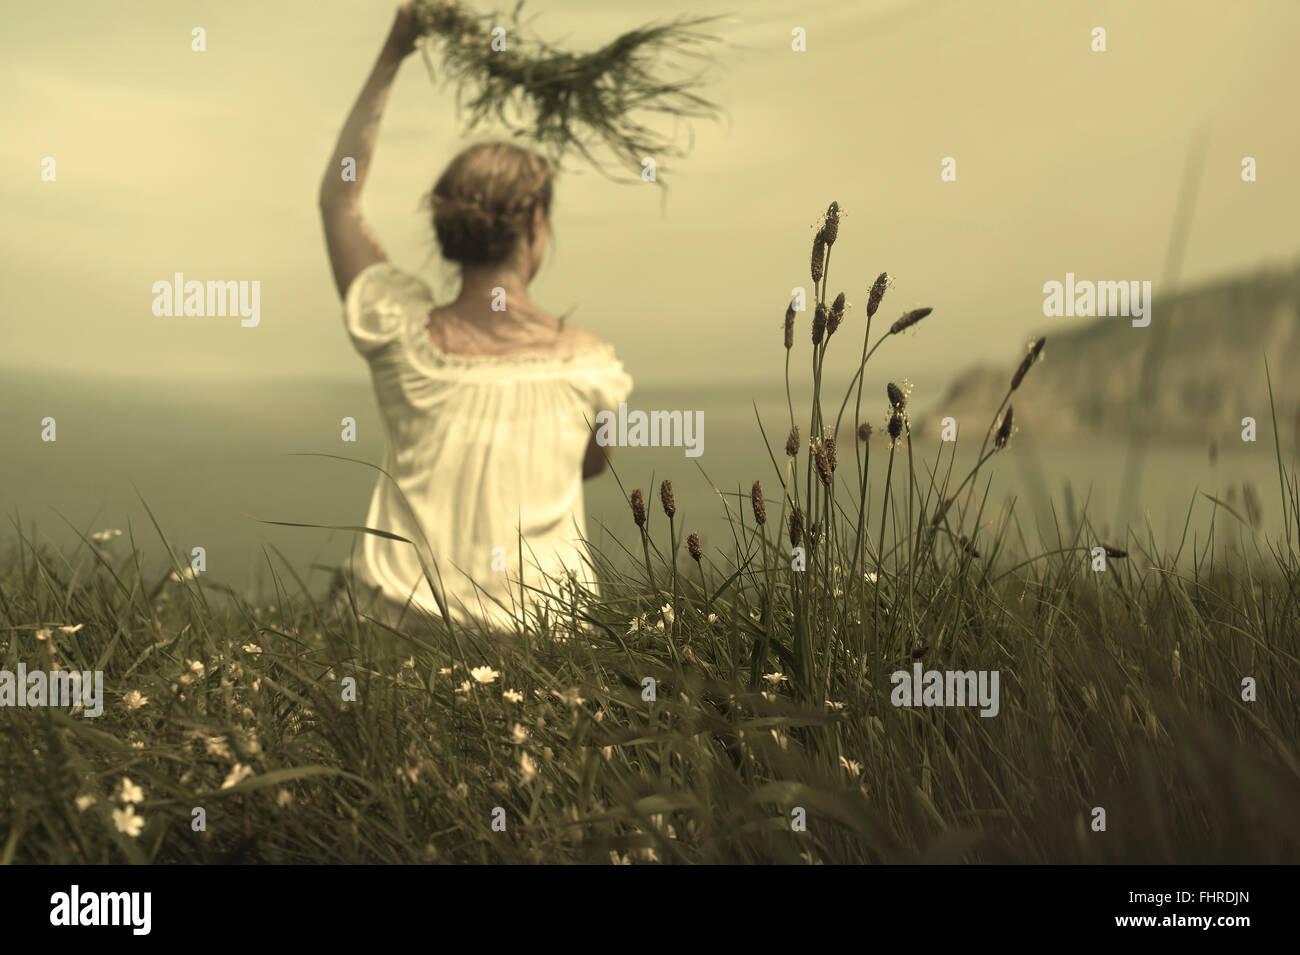 junge Frau sitzt auf Klippe winken und warten auf ihren geliebten Rasen halten Stockbild